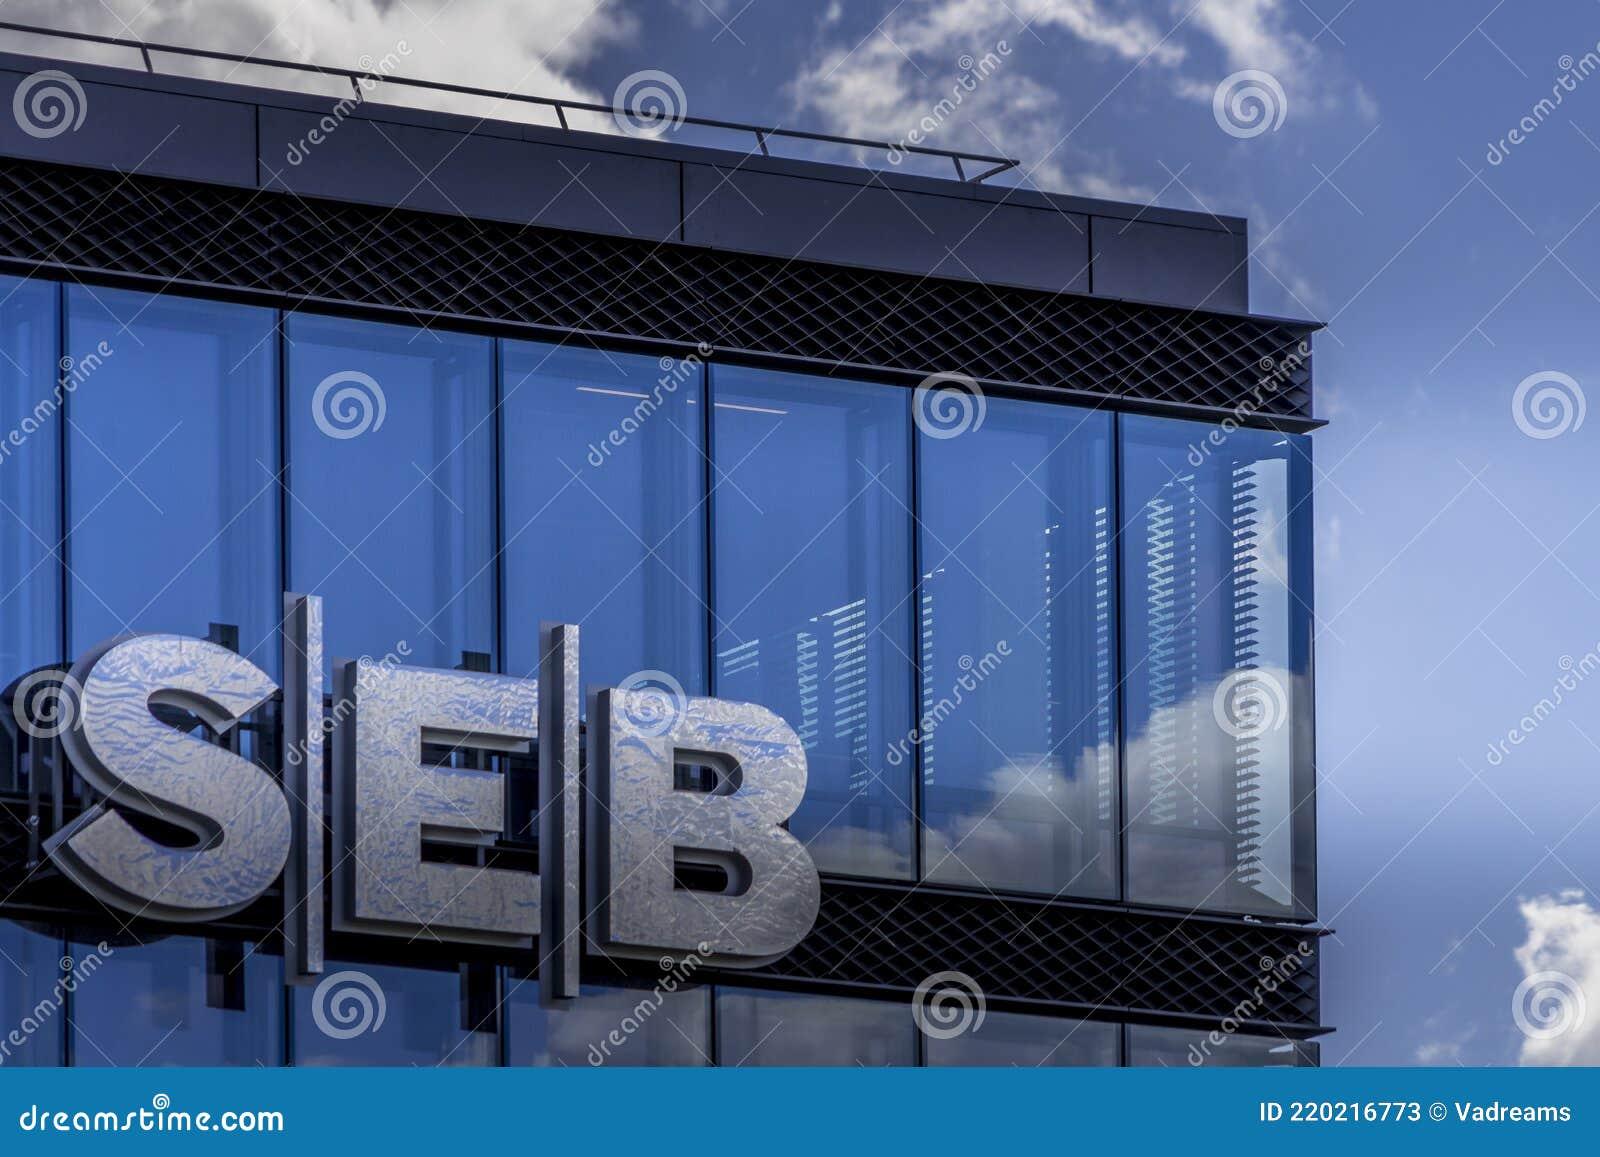 Seb Commercial Debit